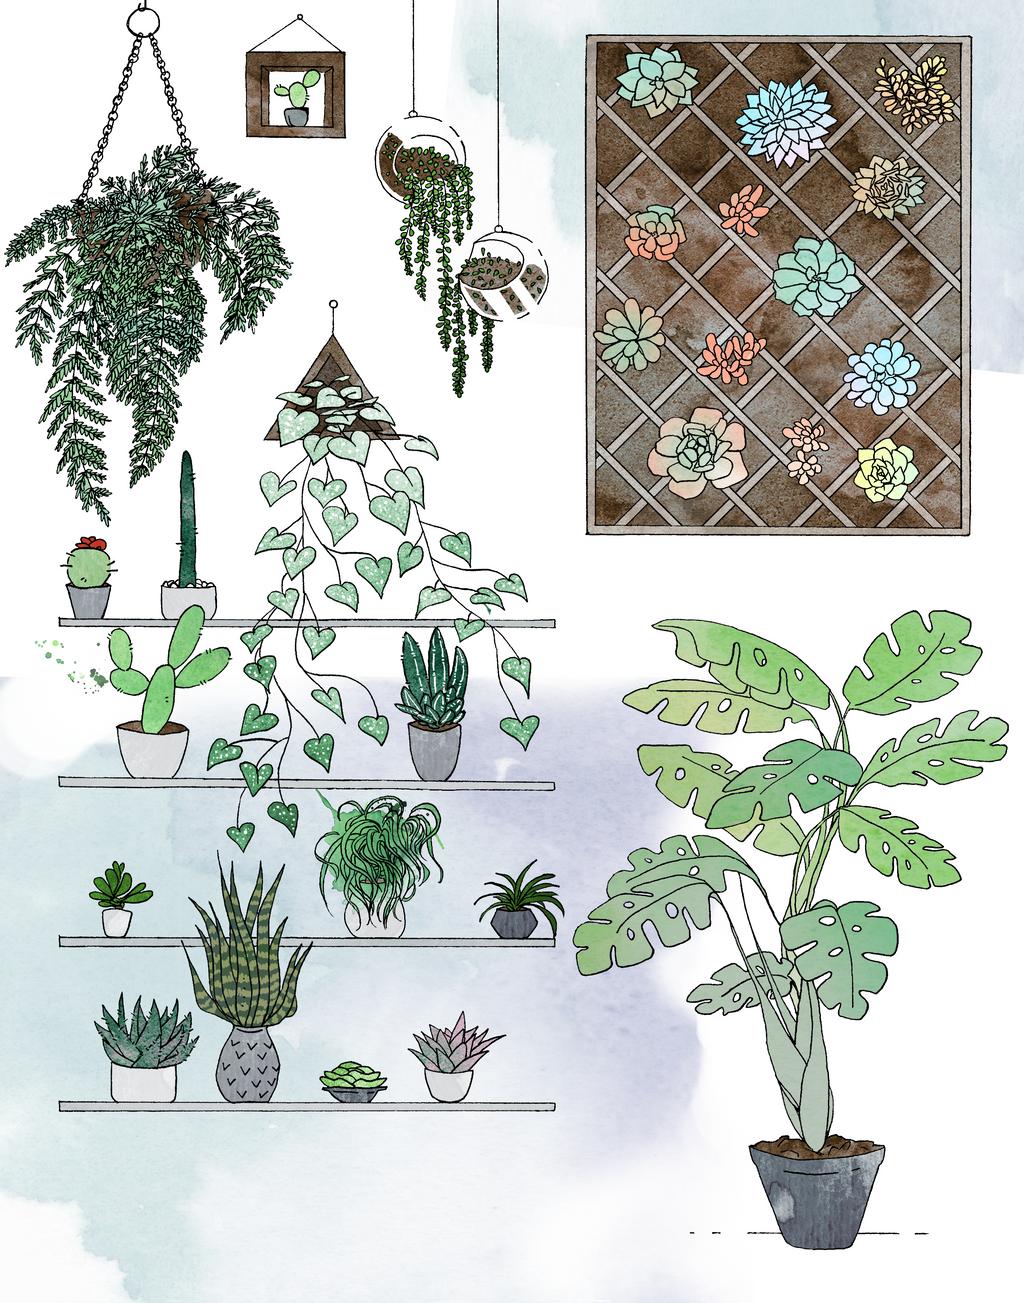 Plants by Vossen-Art